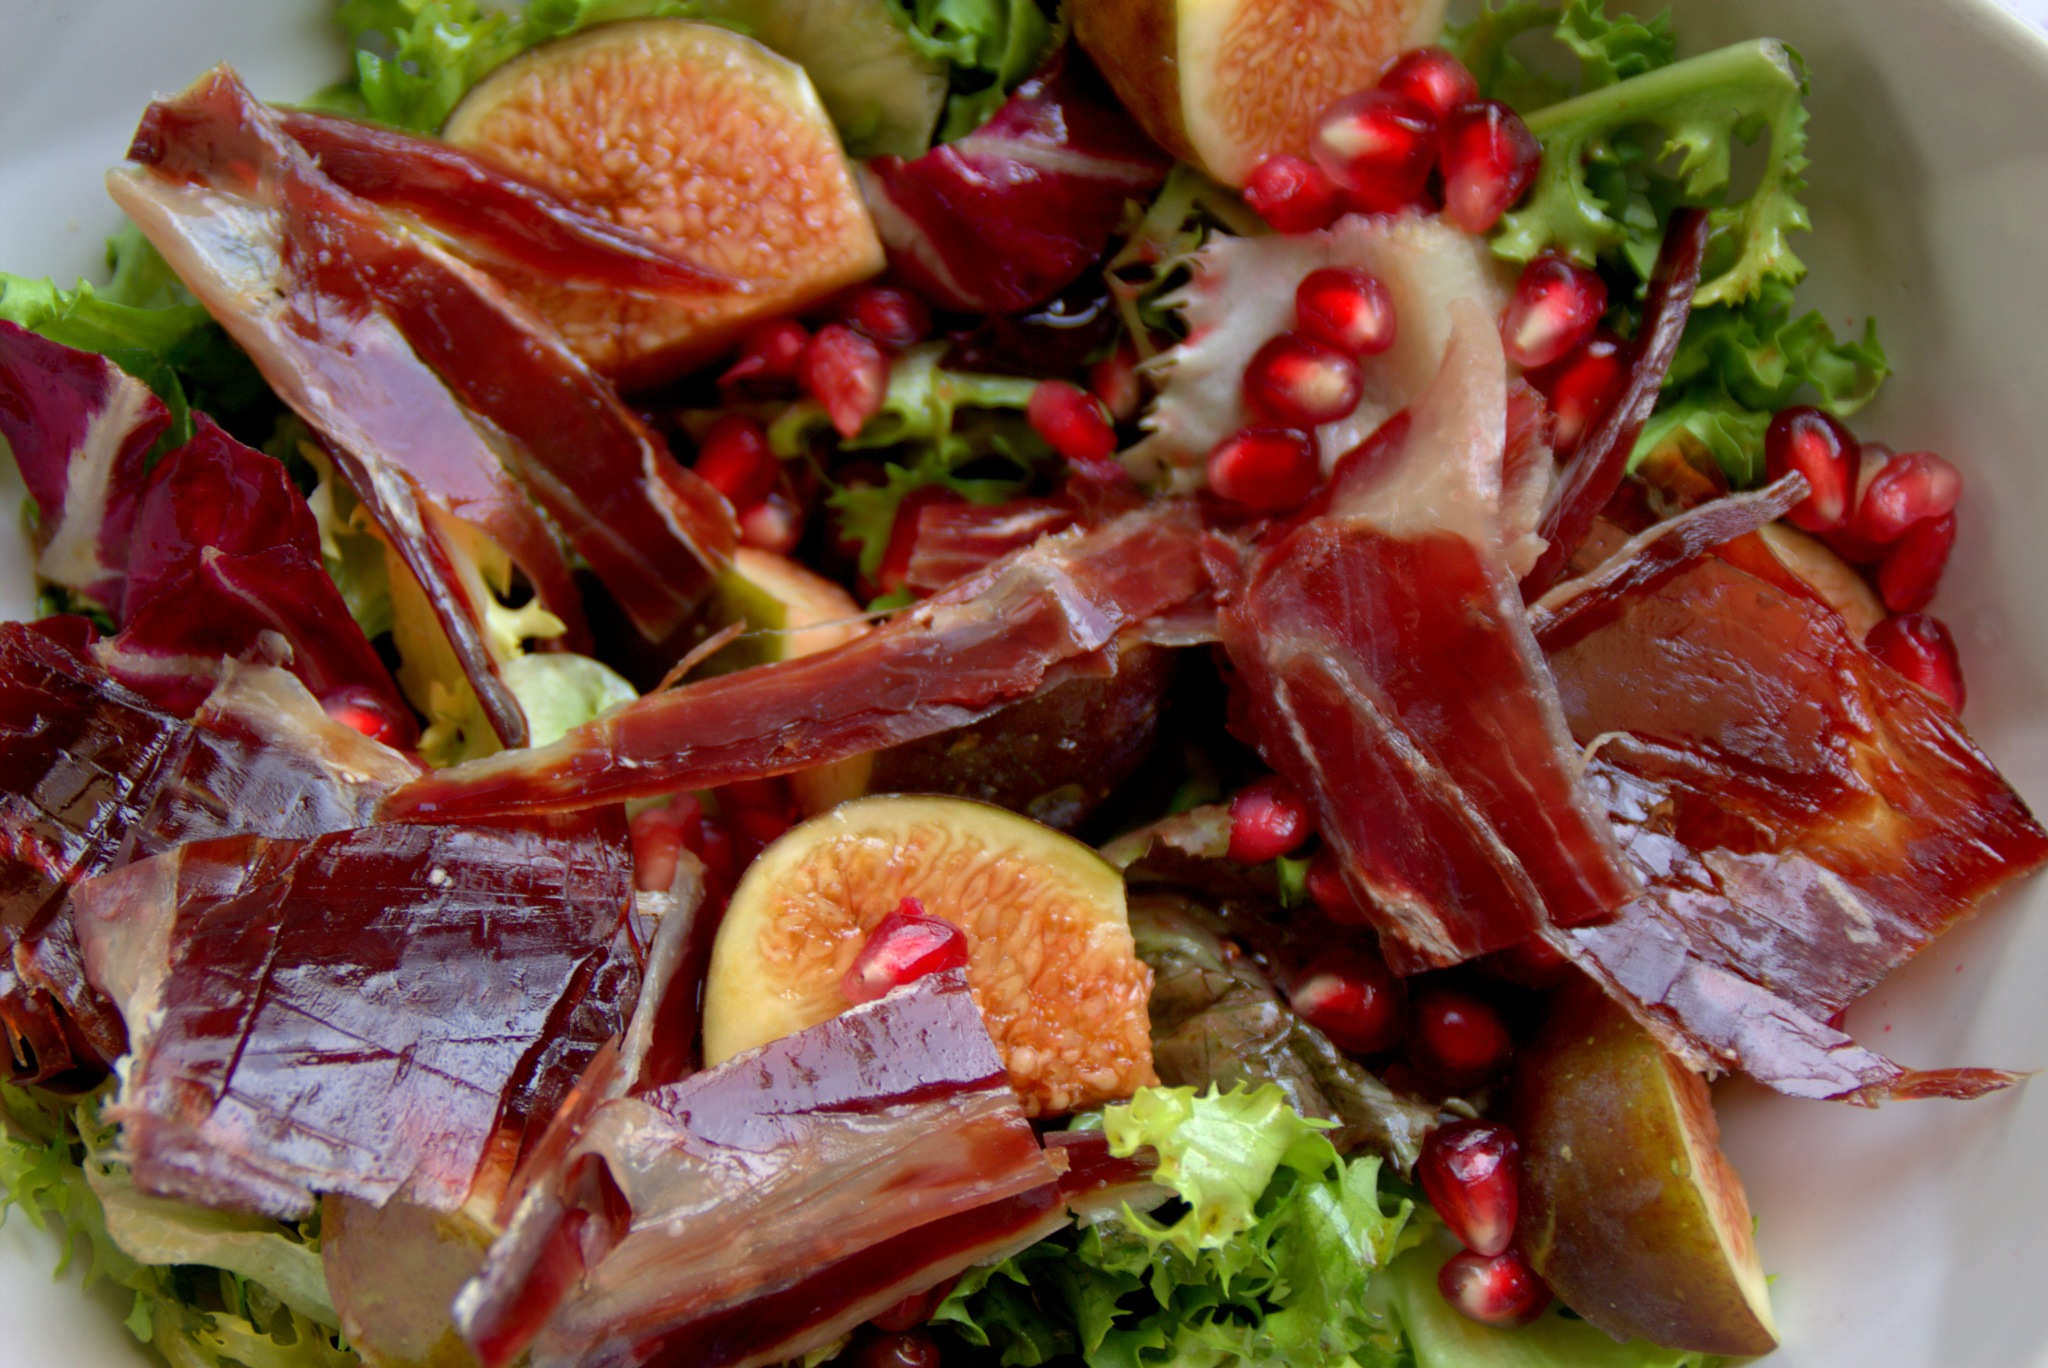 ensalada de otoño con aceite de oliva virgen como aliño by mmvicent